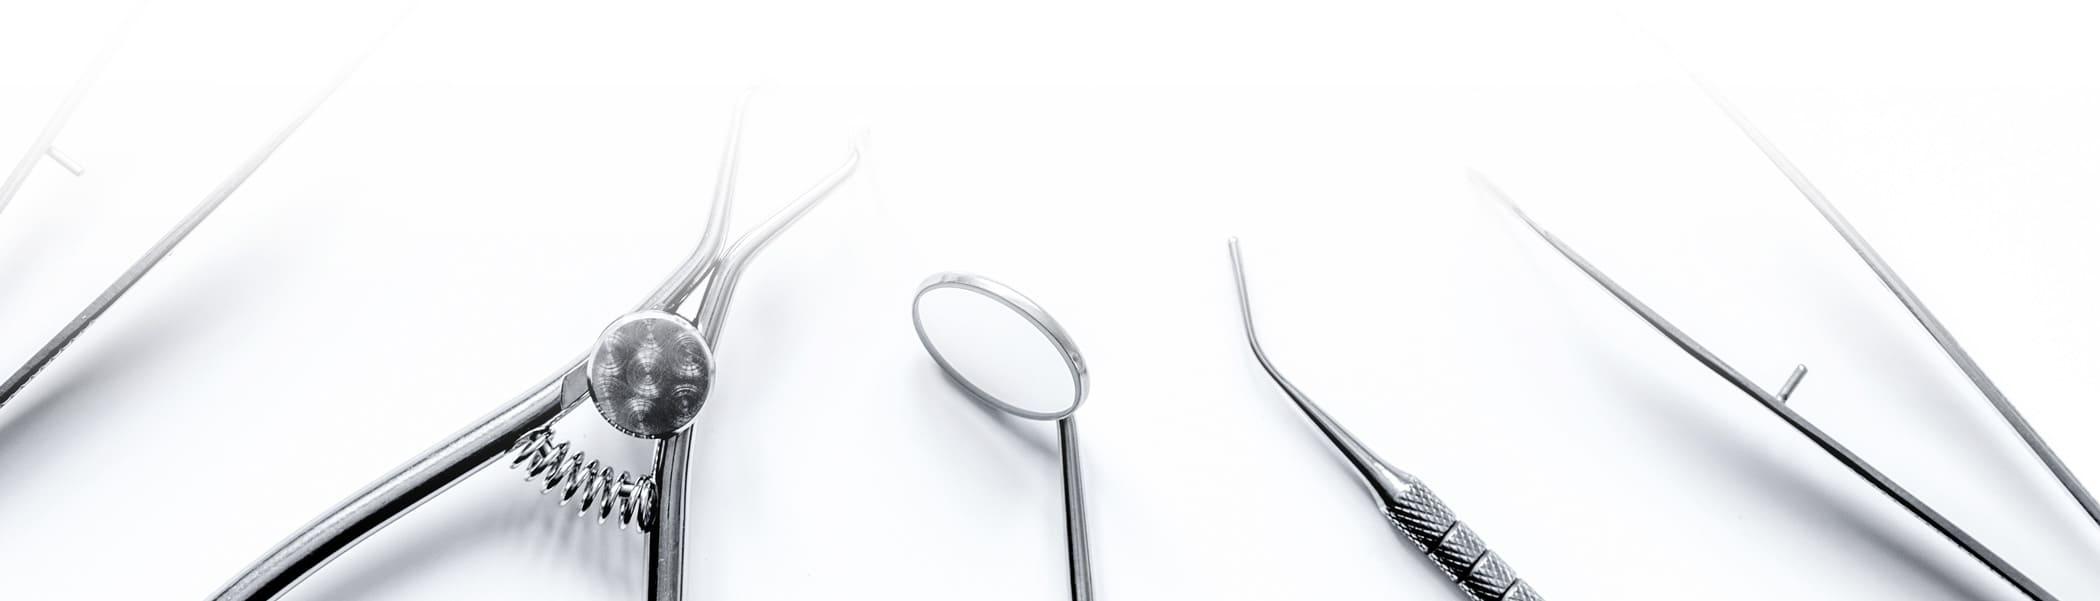 横浜市青葉区 うかい歯科医院 当院の新型コロナウイルス感染予防対策について